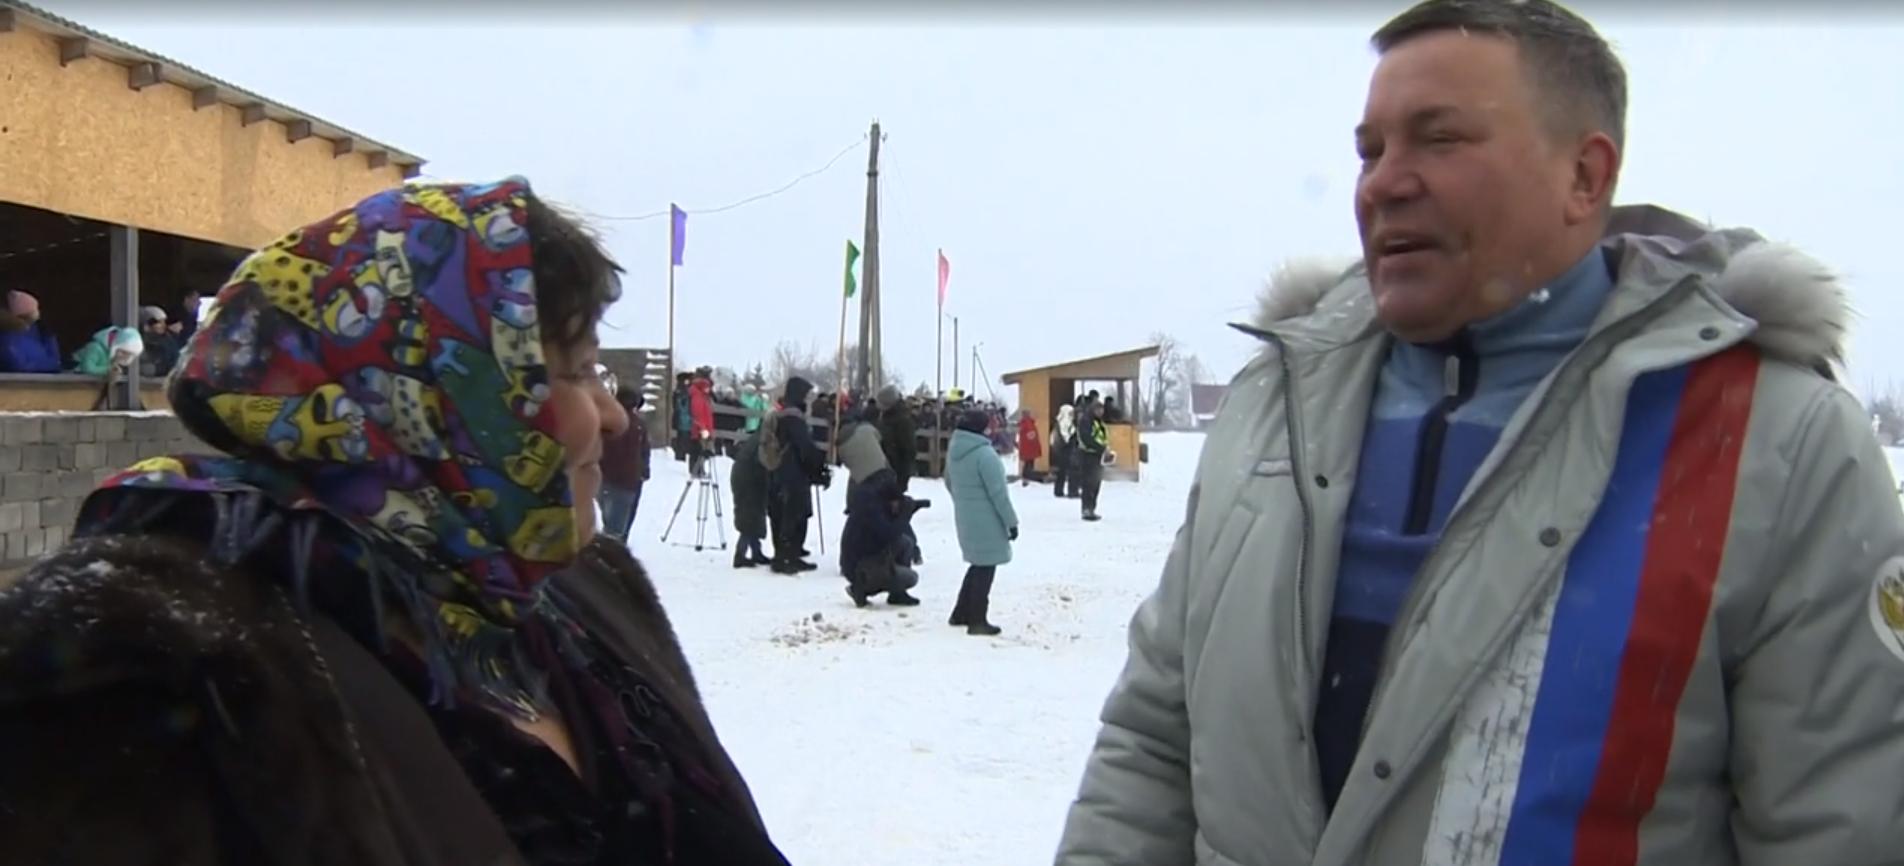 Губернатор Олег Кувшинников в эфире Первого канала рассказал, как в детстве пас коров